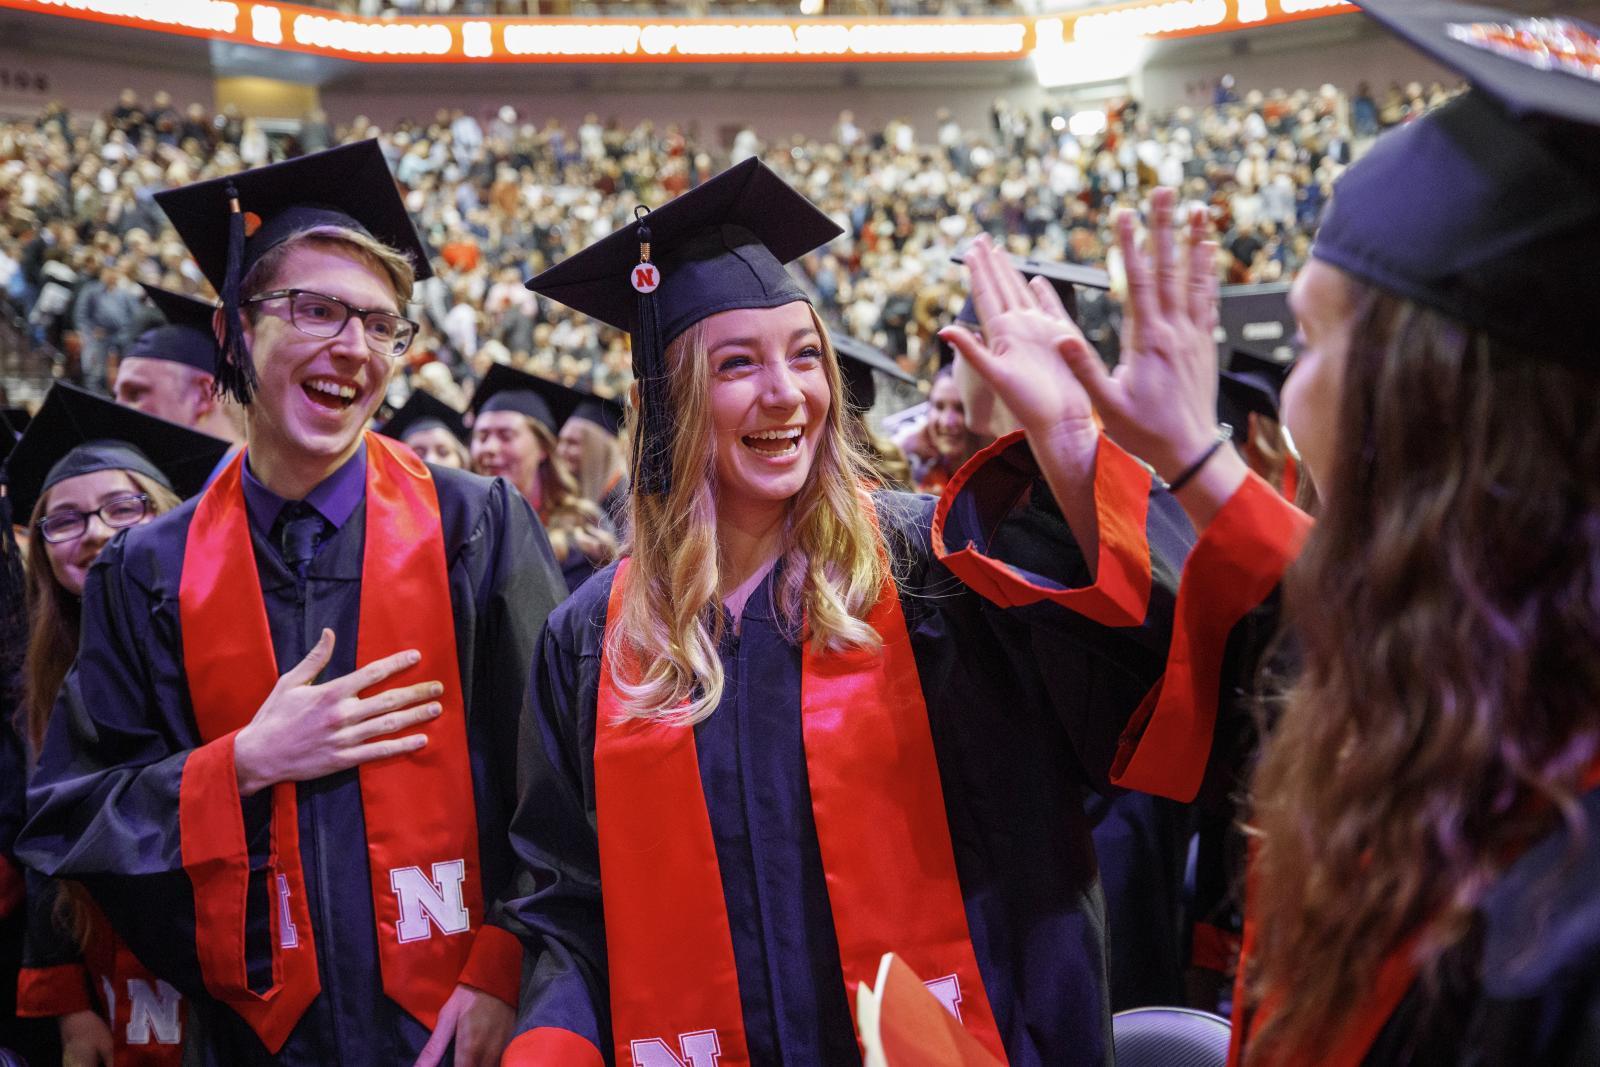 Nebraska graduates high five after receiving their diplomas.